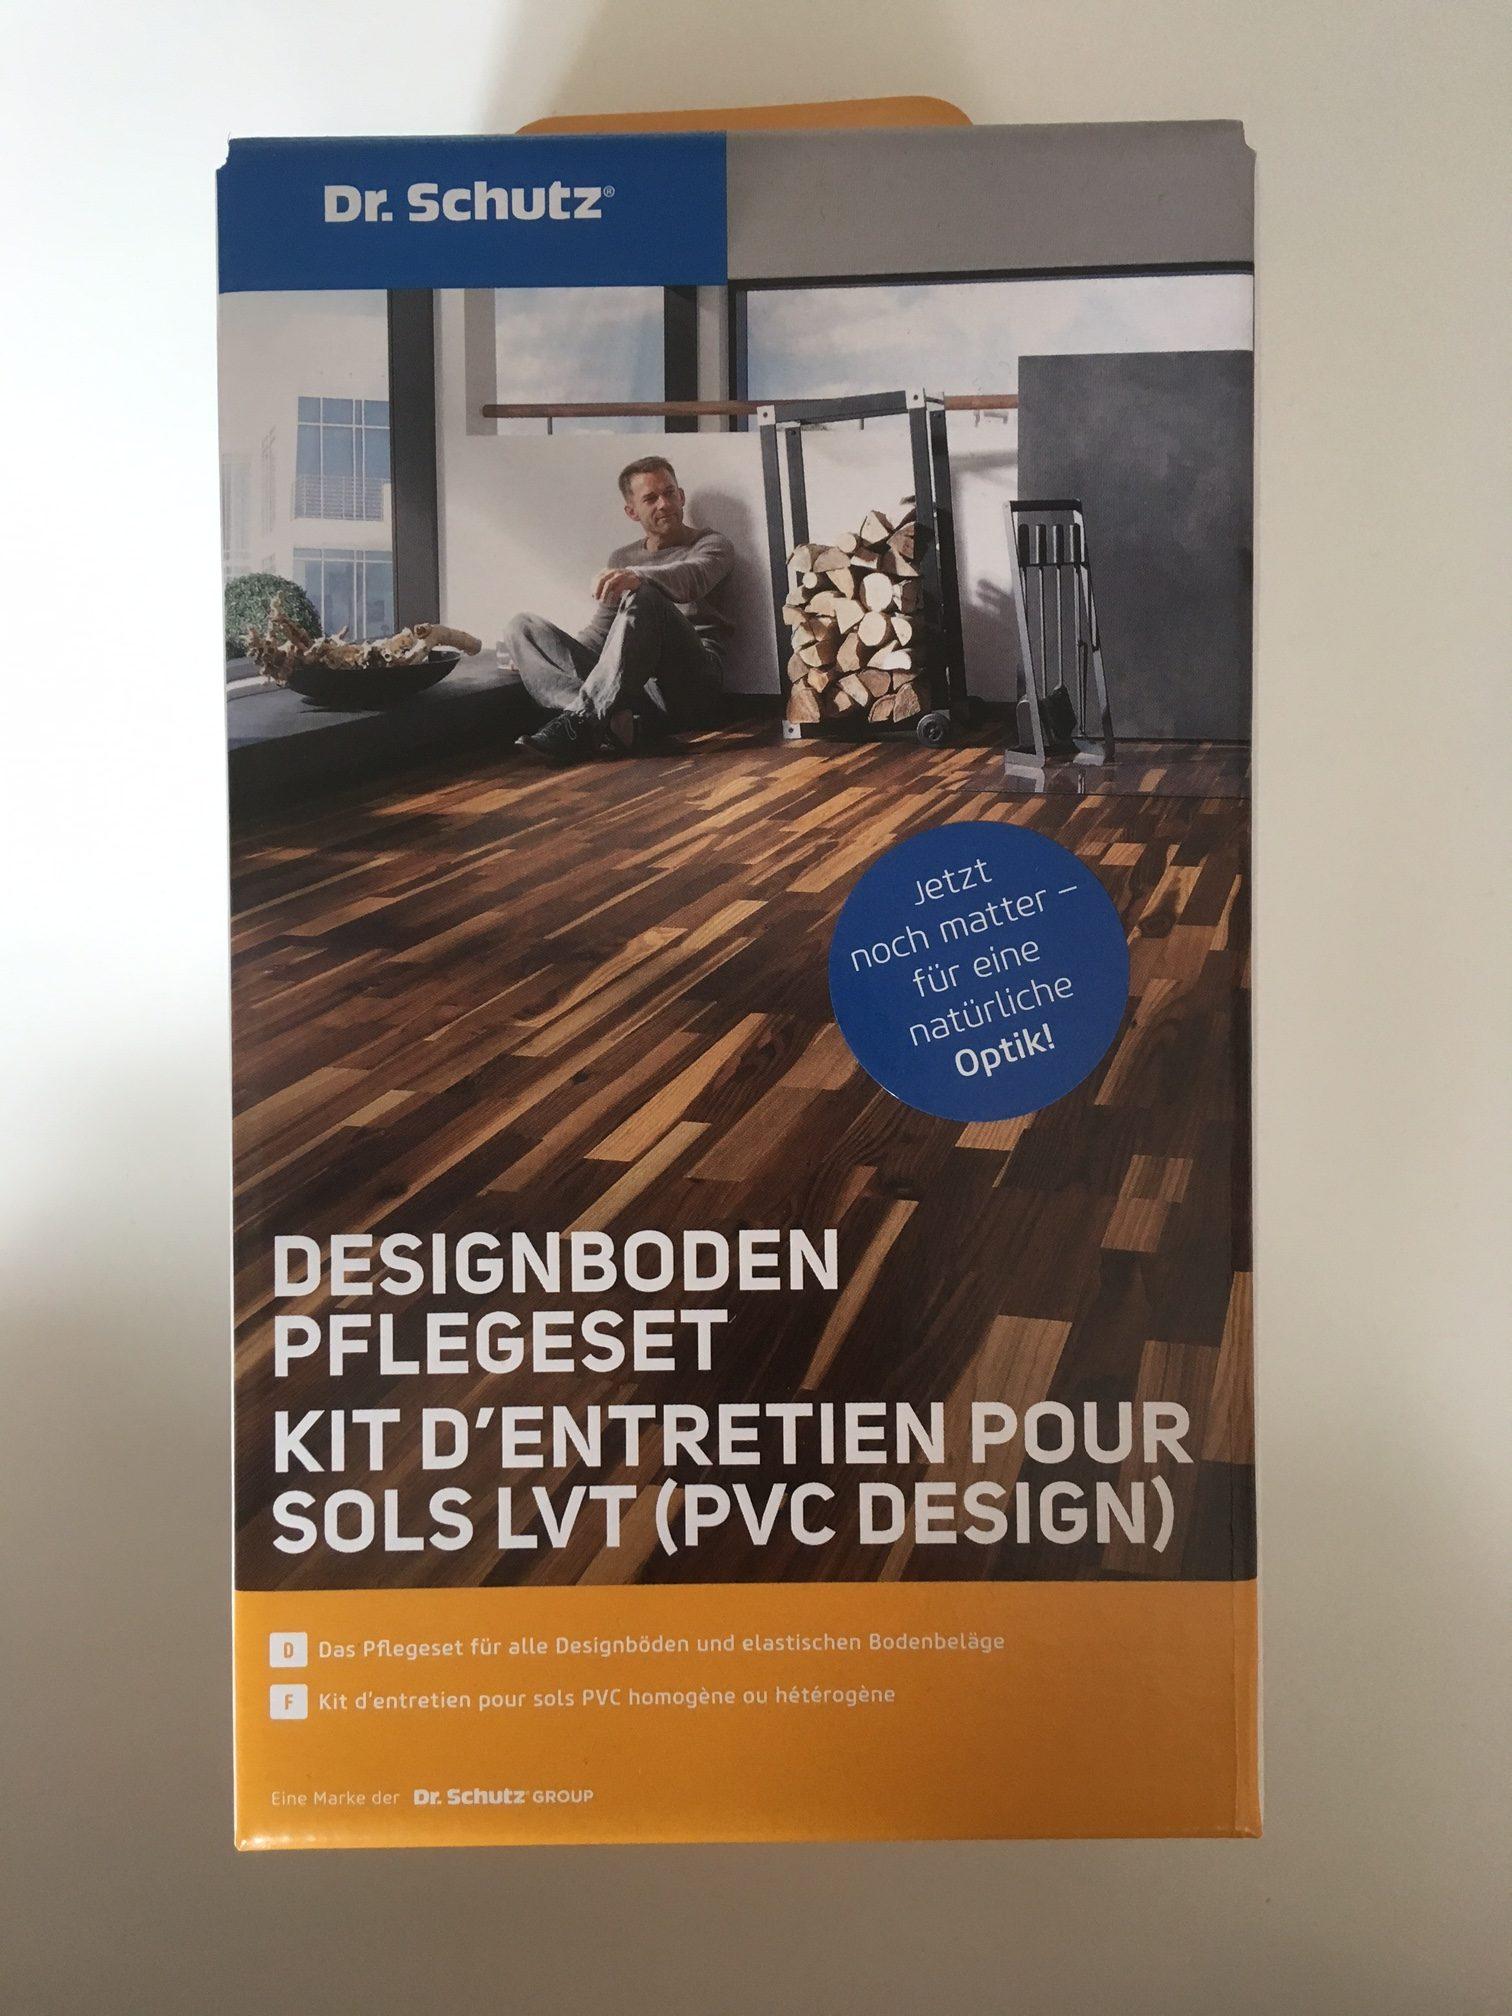 dr schutz designboden pflegeset ihr fussboden profi. Black Bedroom Furniture Sets. Home Design Ideas